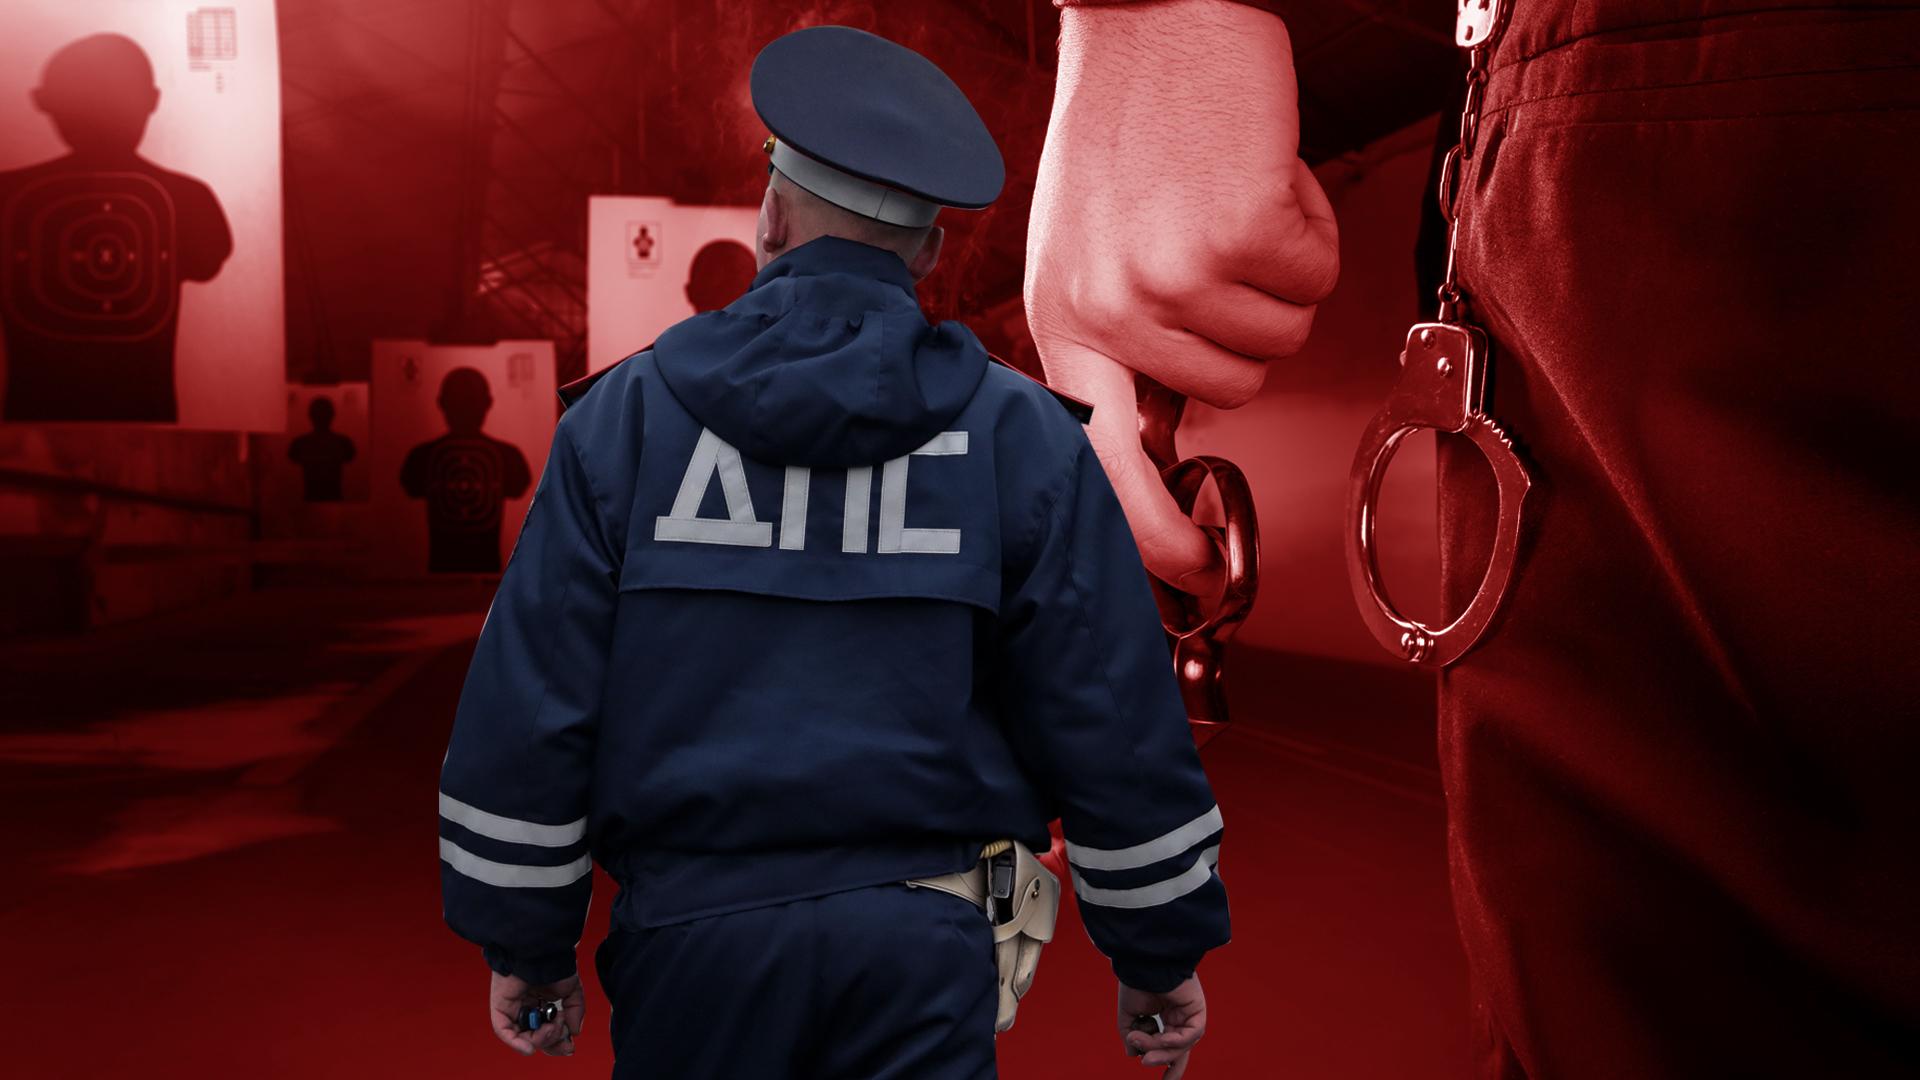 Шьём дело: Как следователи 'работали' с гаишником, застрелившим под Новосибирском опасного нарушителя